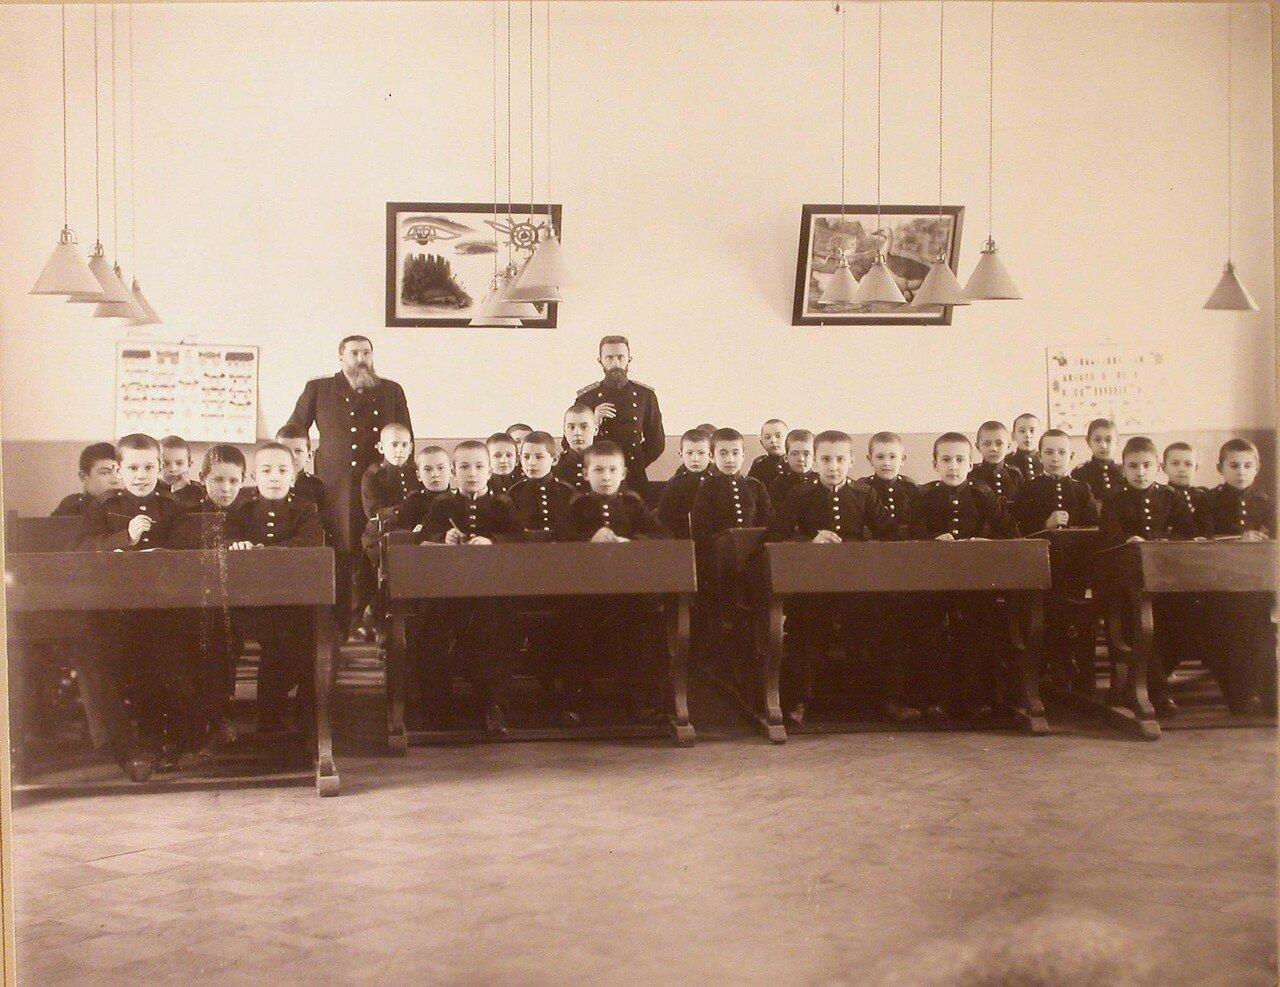 01. Воспитанники одного из младших классов кадетского корпуса с преподавателями во время урока